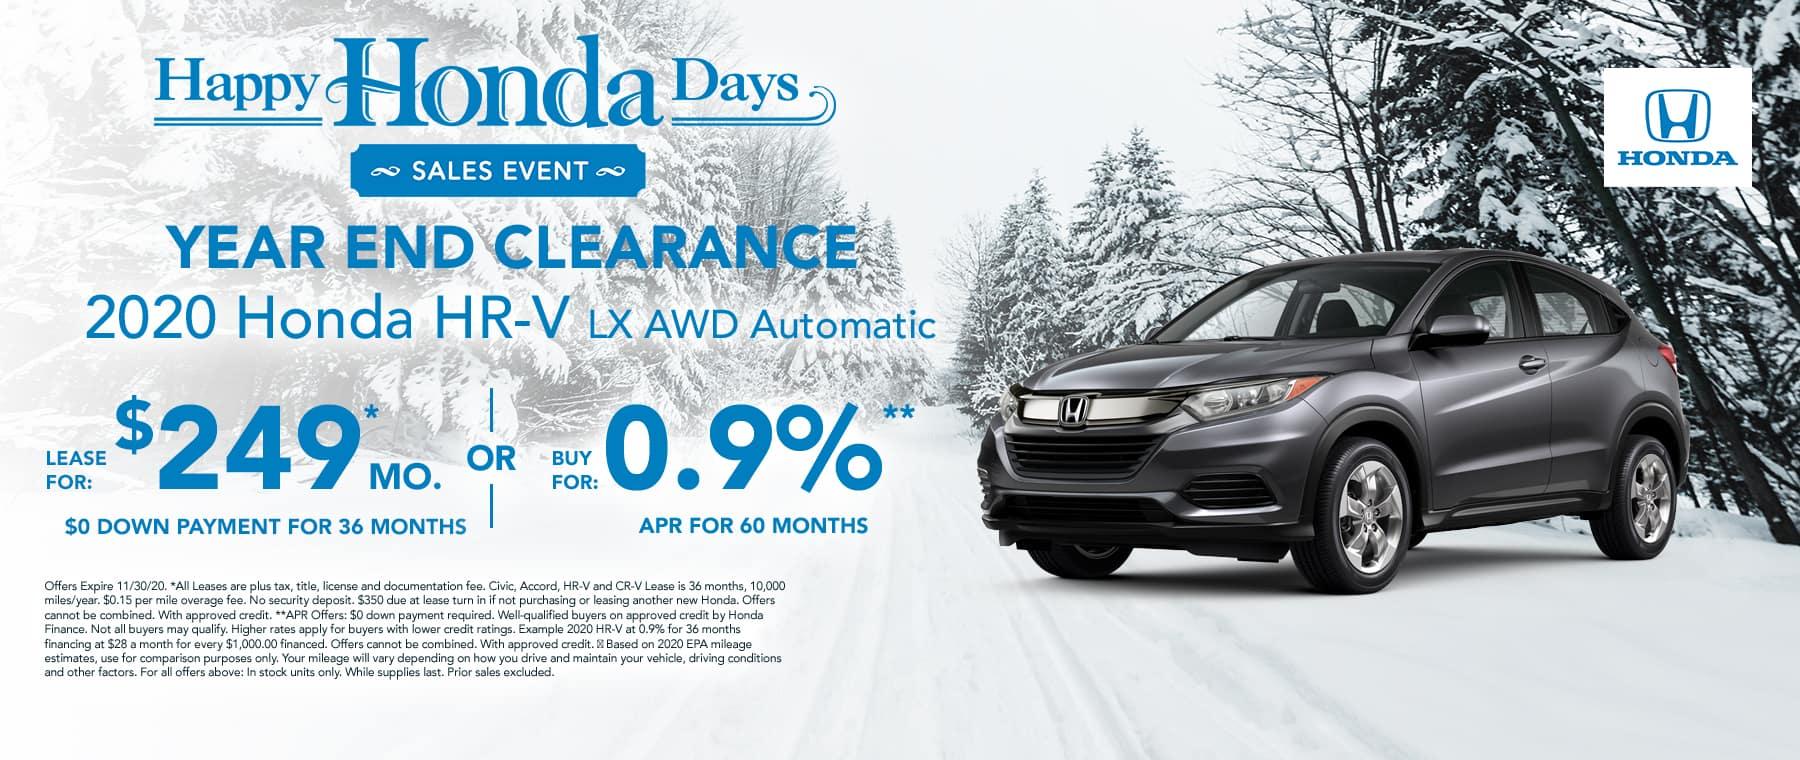 New Honda HRV for $249 per month